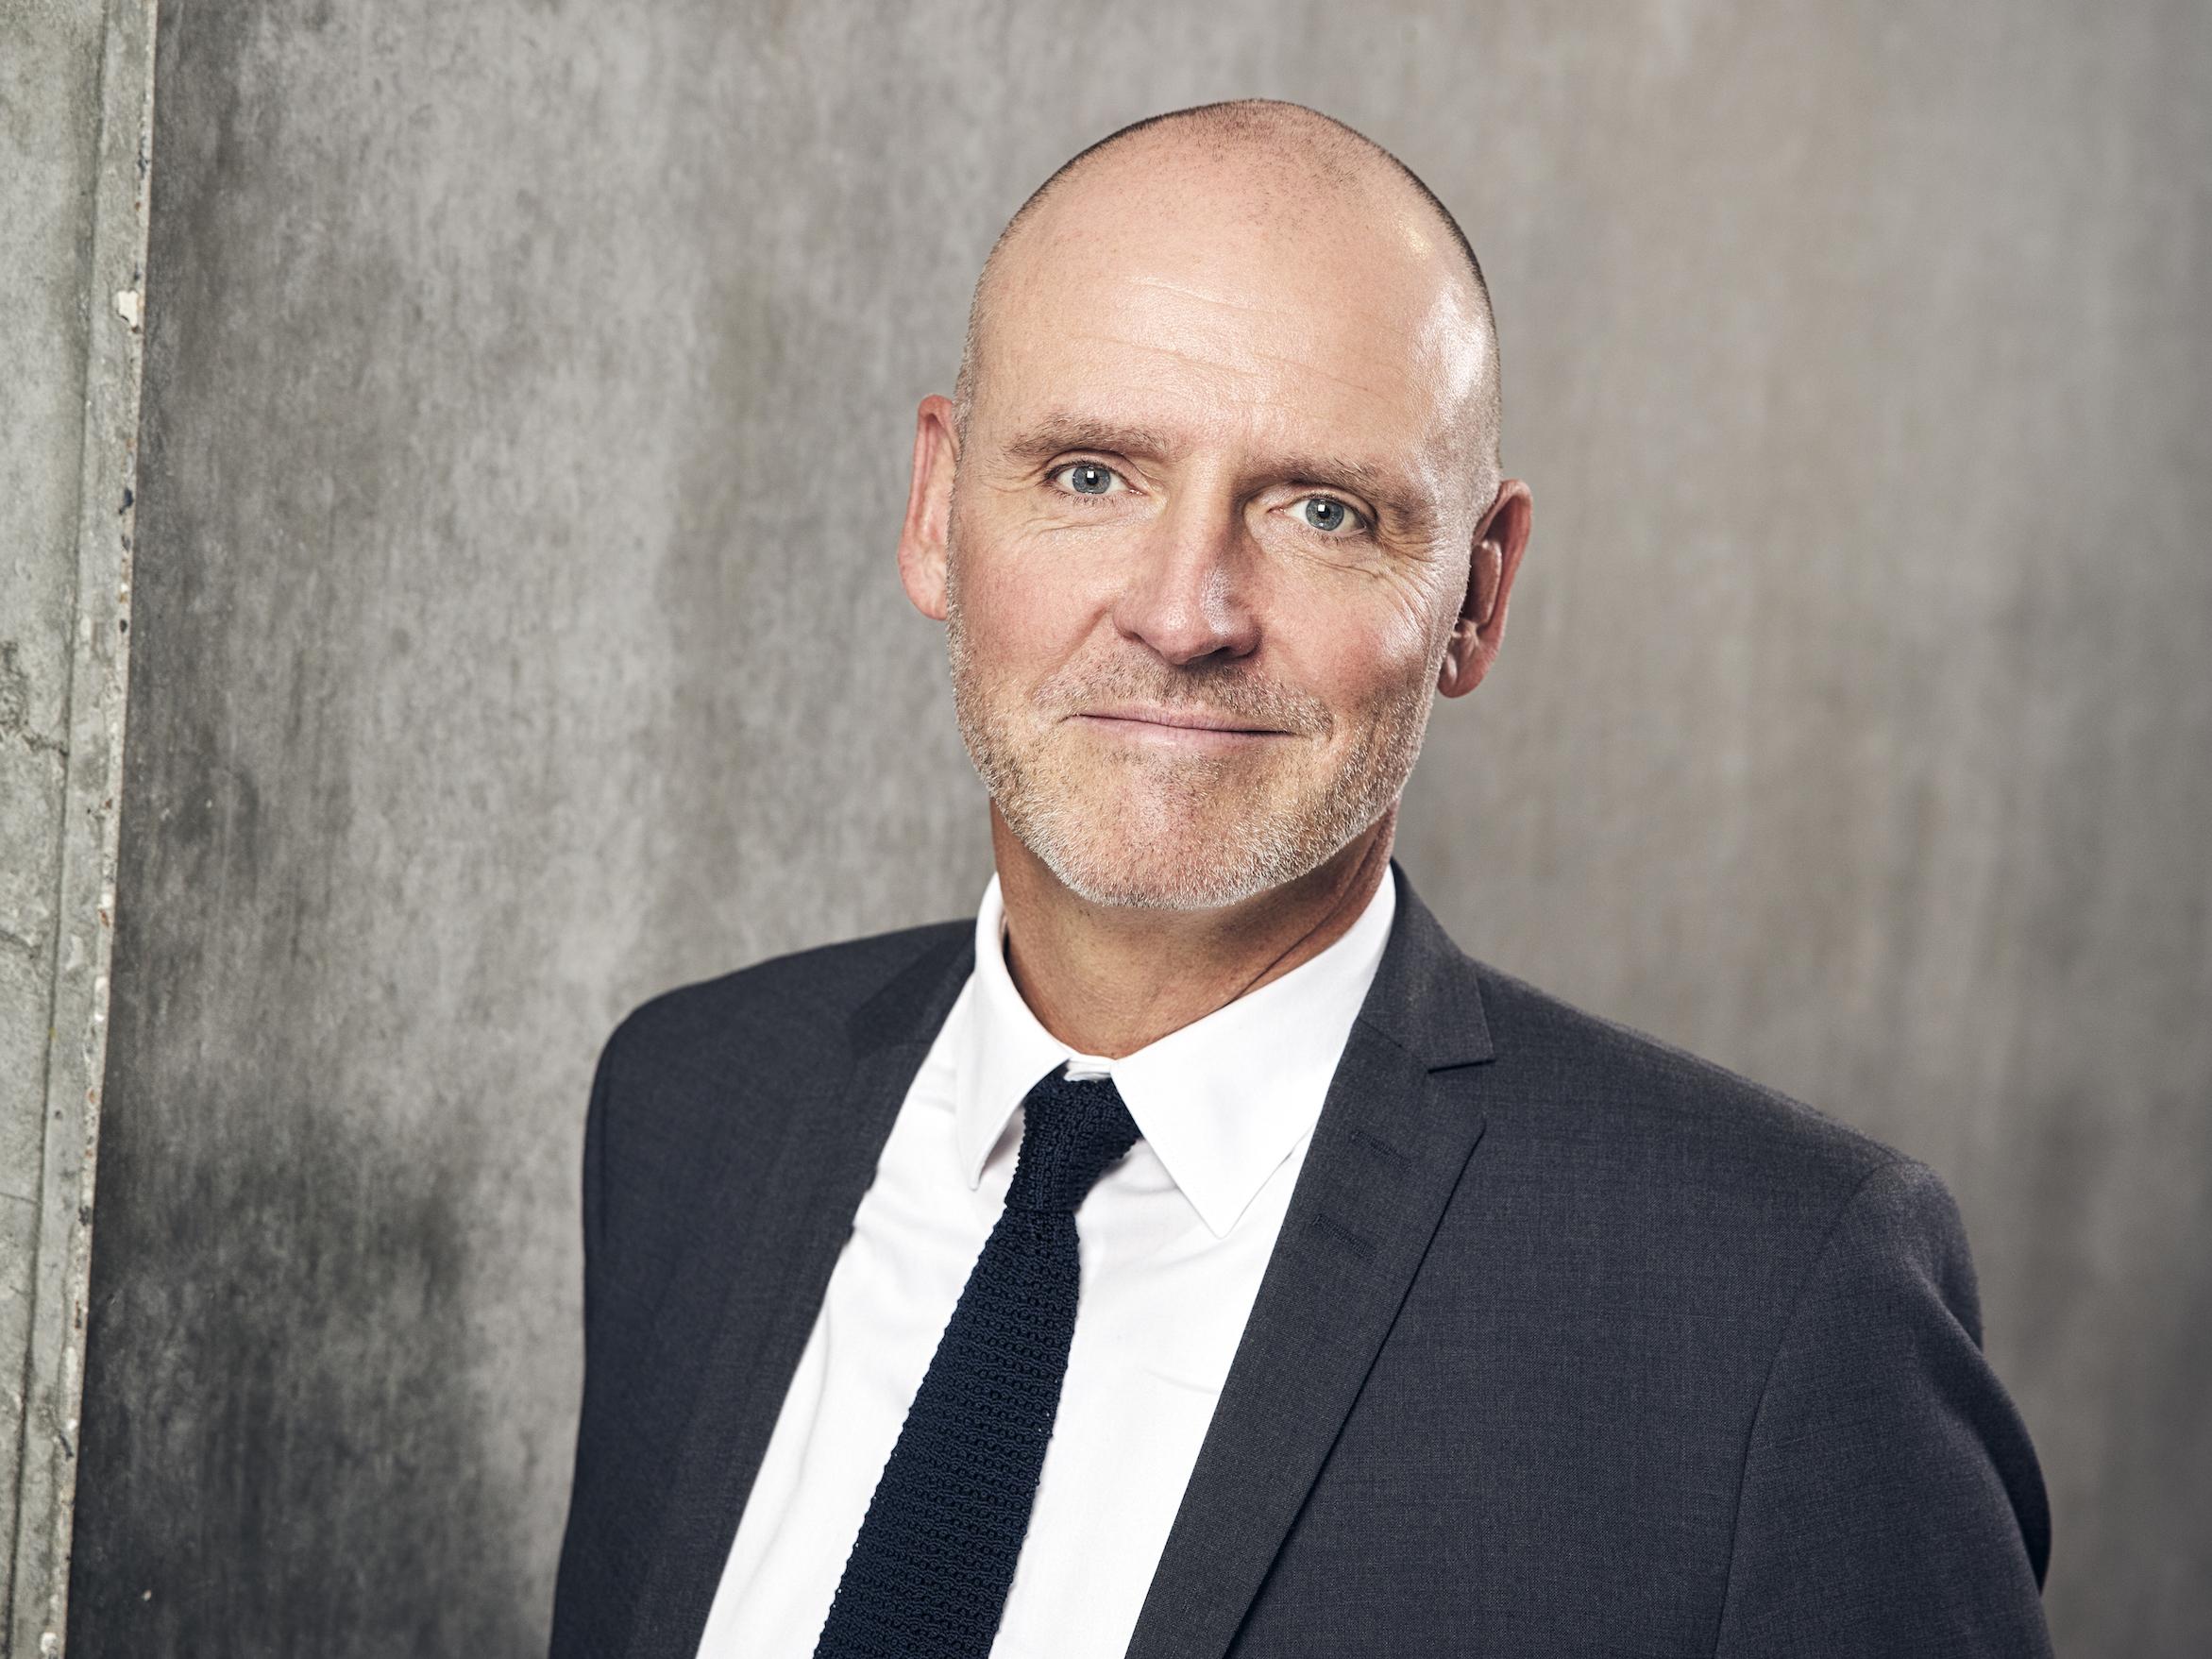 Nicolai Krøyer, ny administrerende direktør for Aarhus Lufthavn fra den 1. marts 2021. (Foto: Aarhus Lufthavn | PR)